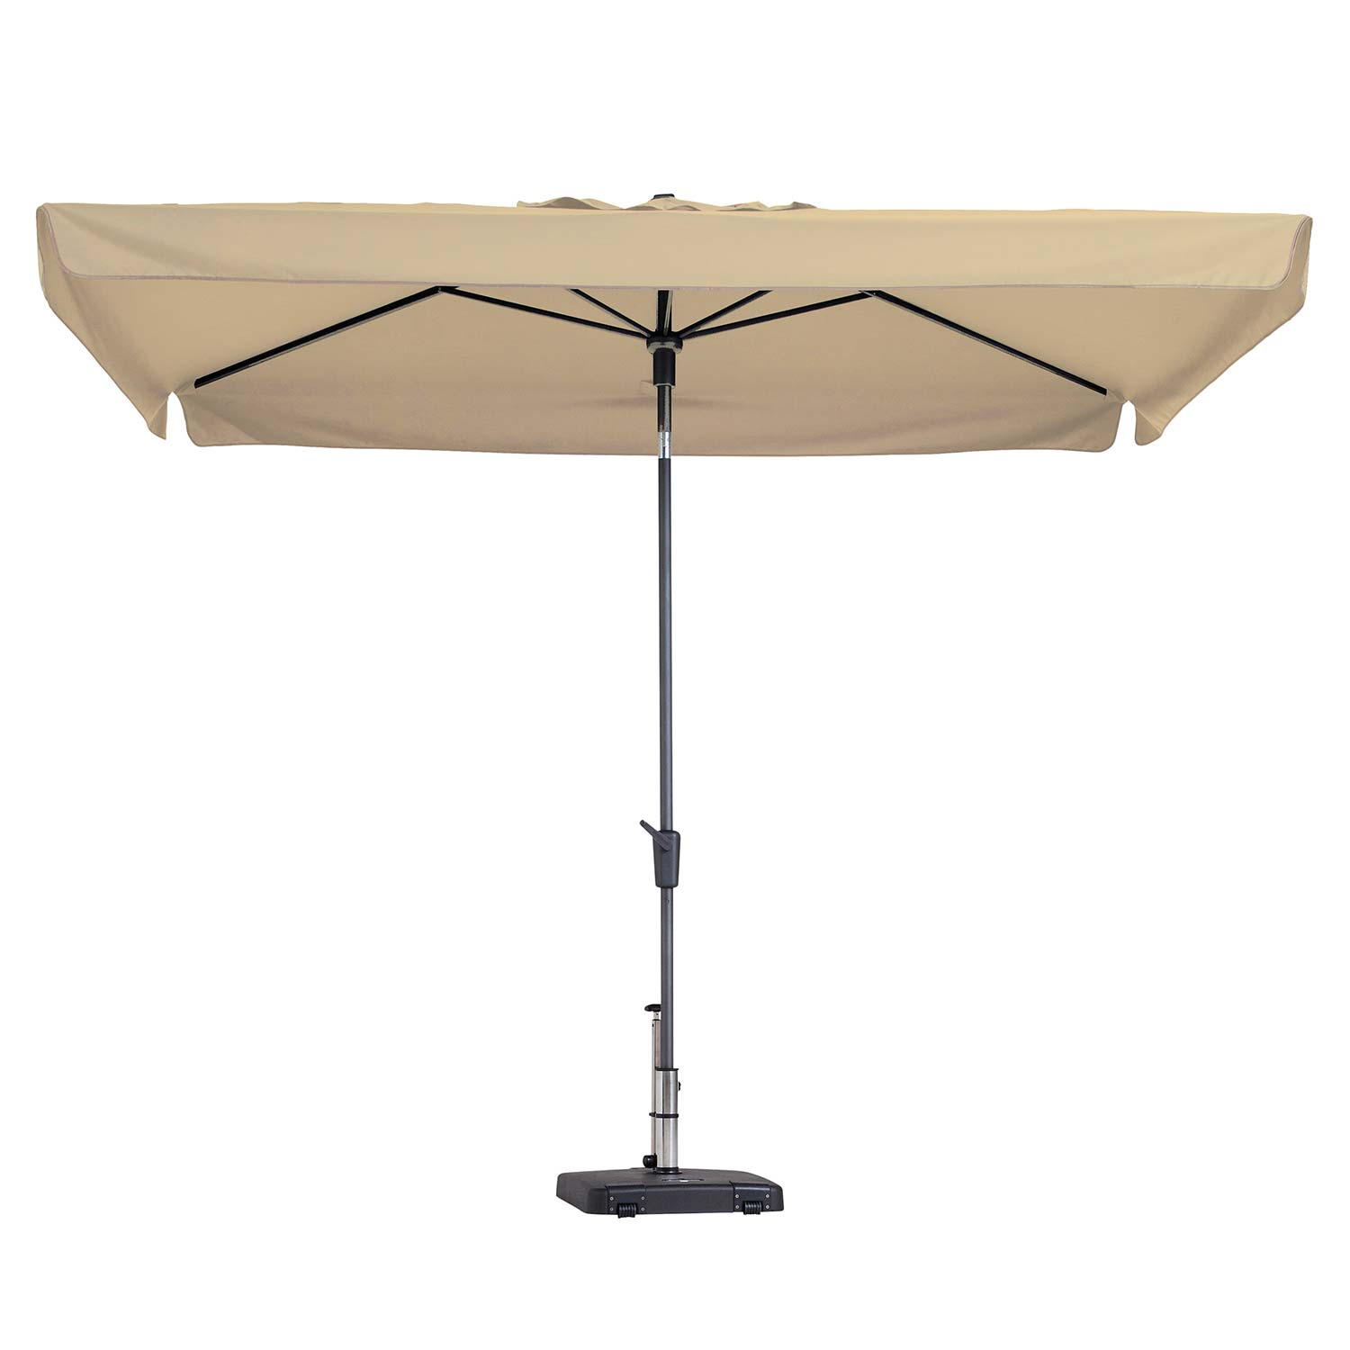 Parasol Delos 200x300cm (ecru)